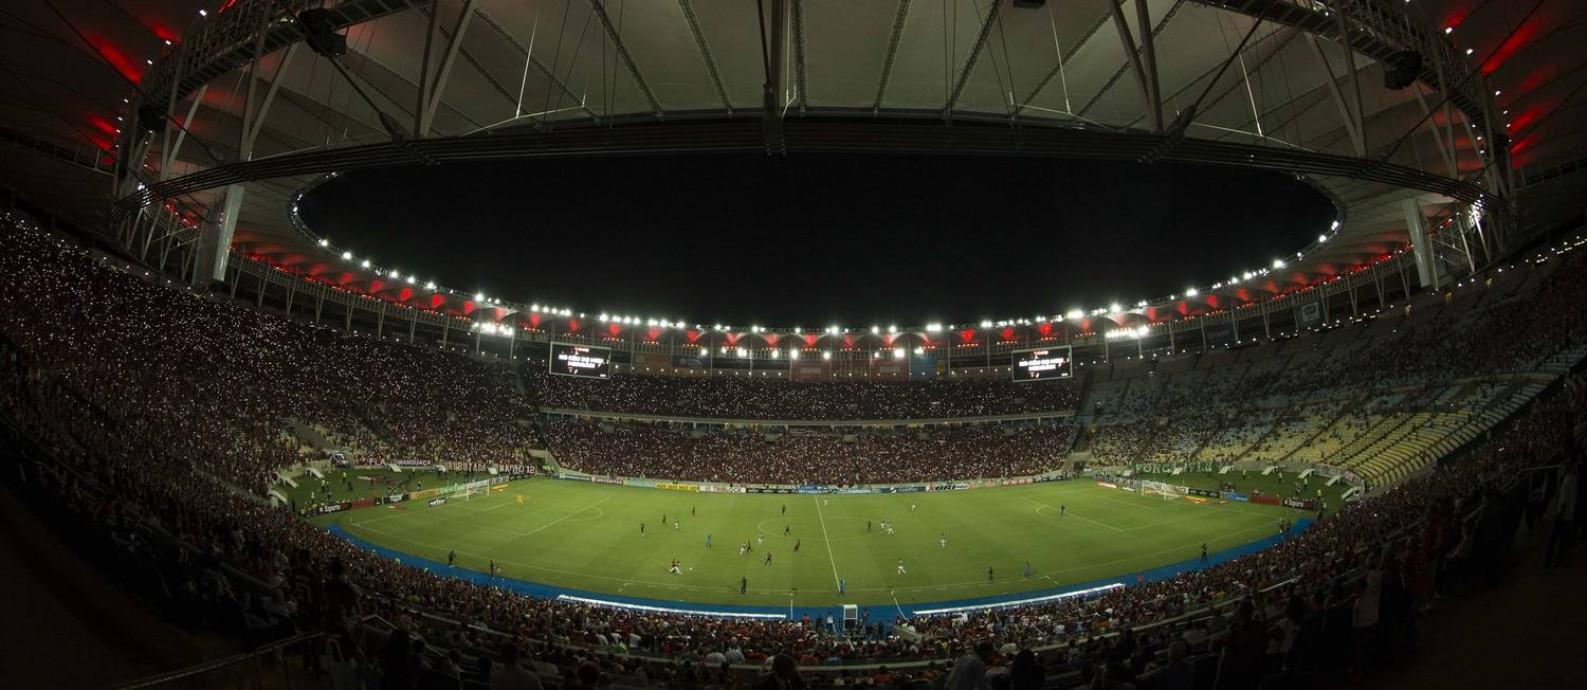 Com a regulamentação dos sites de apostas no país, expectativa do governo federal é que setor se torne um importante patrocinador dos clubes brasileiros Foto: Guito Moreto / Agência O Globo